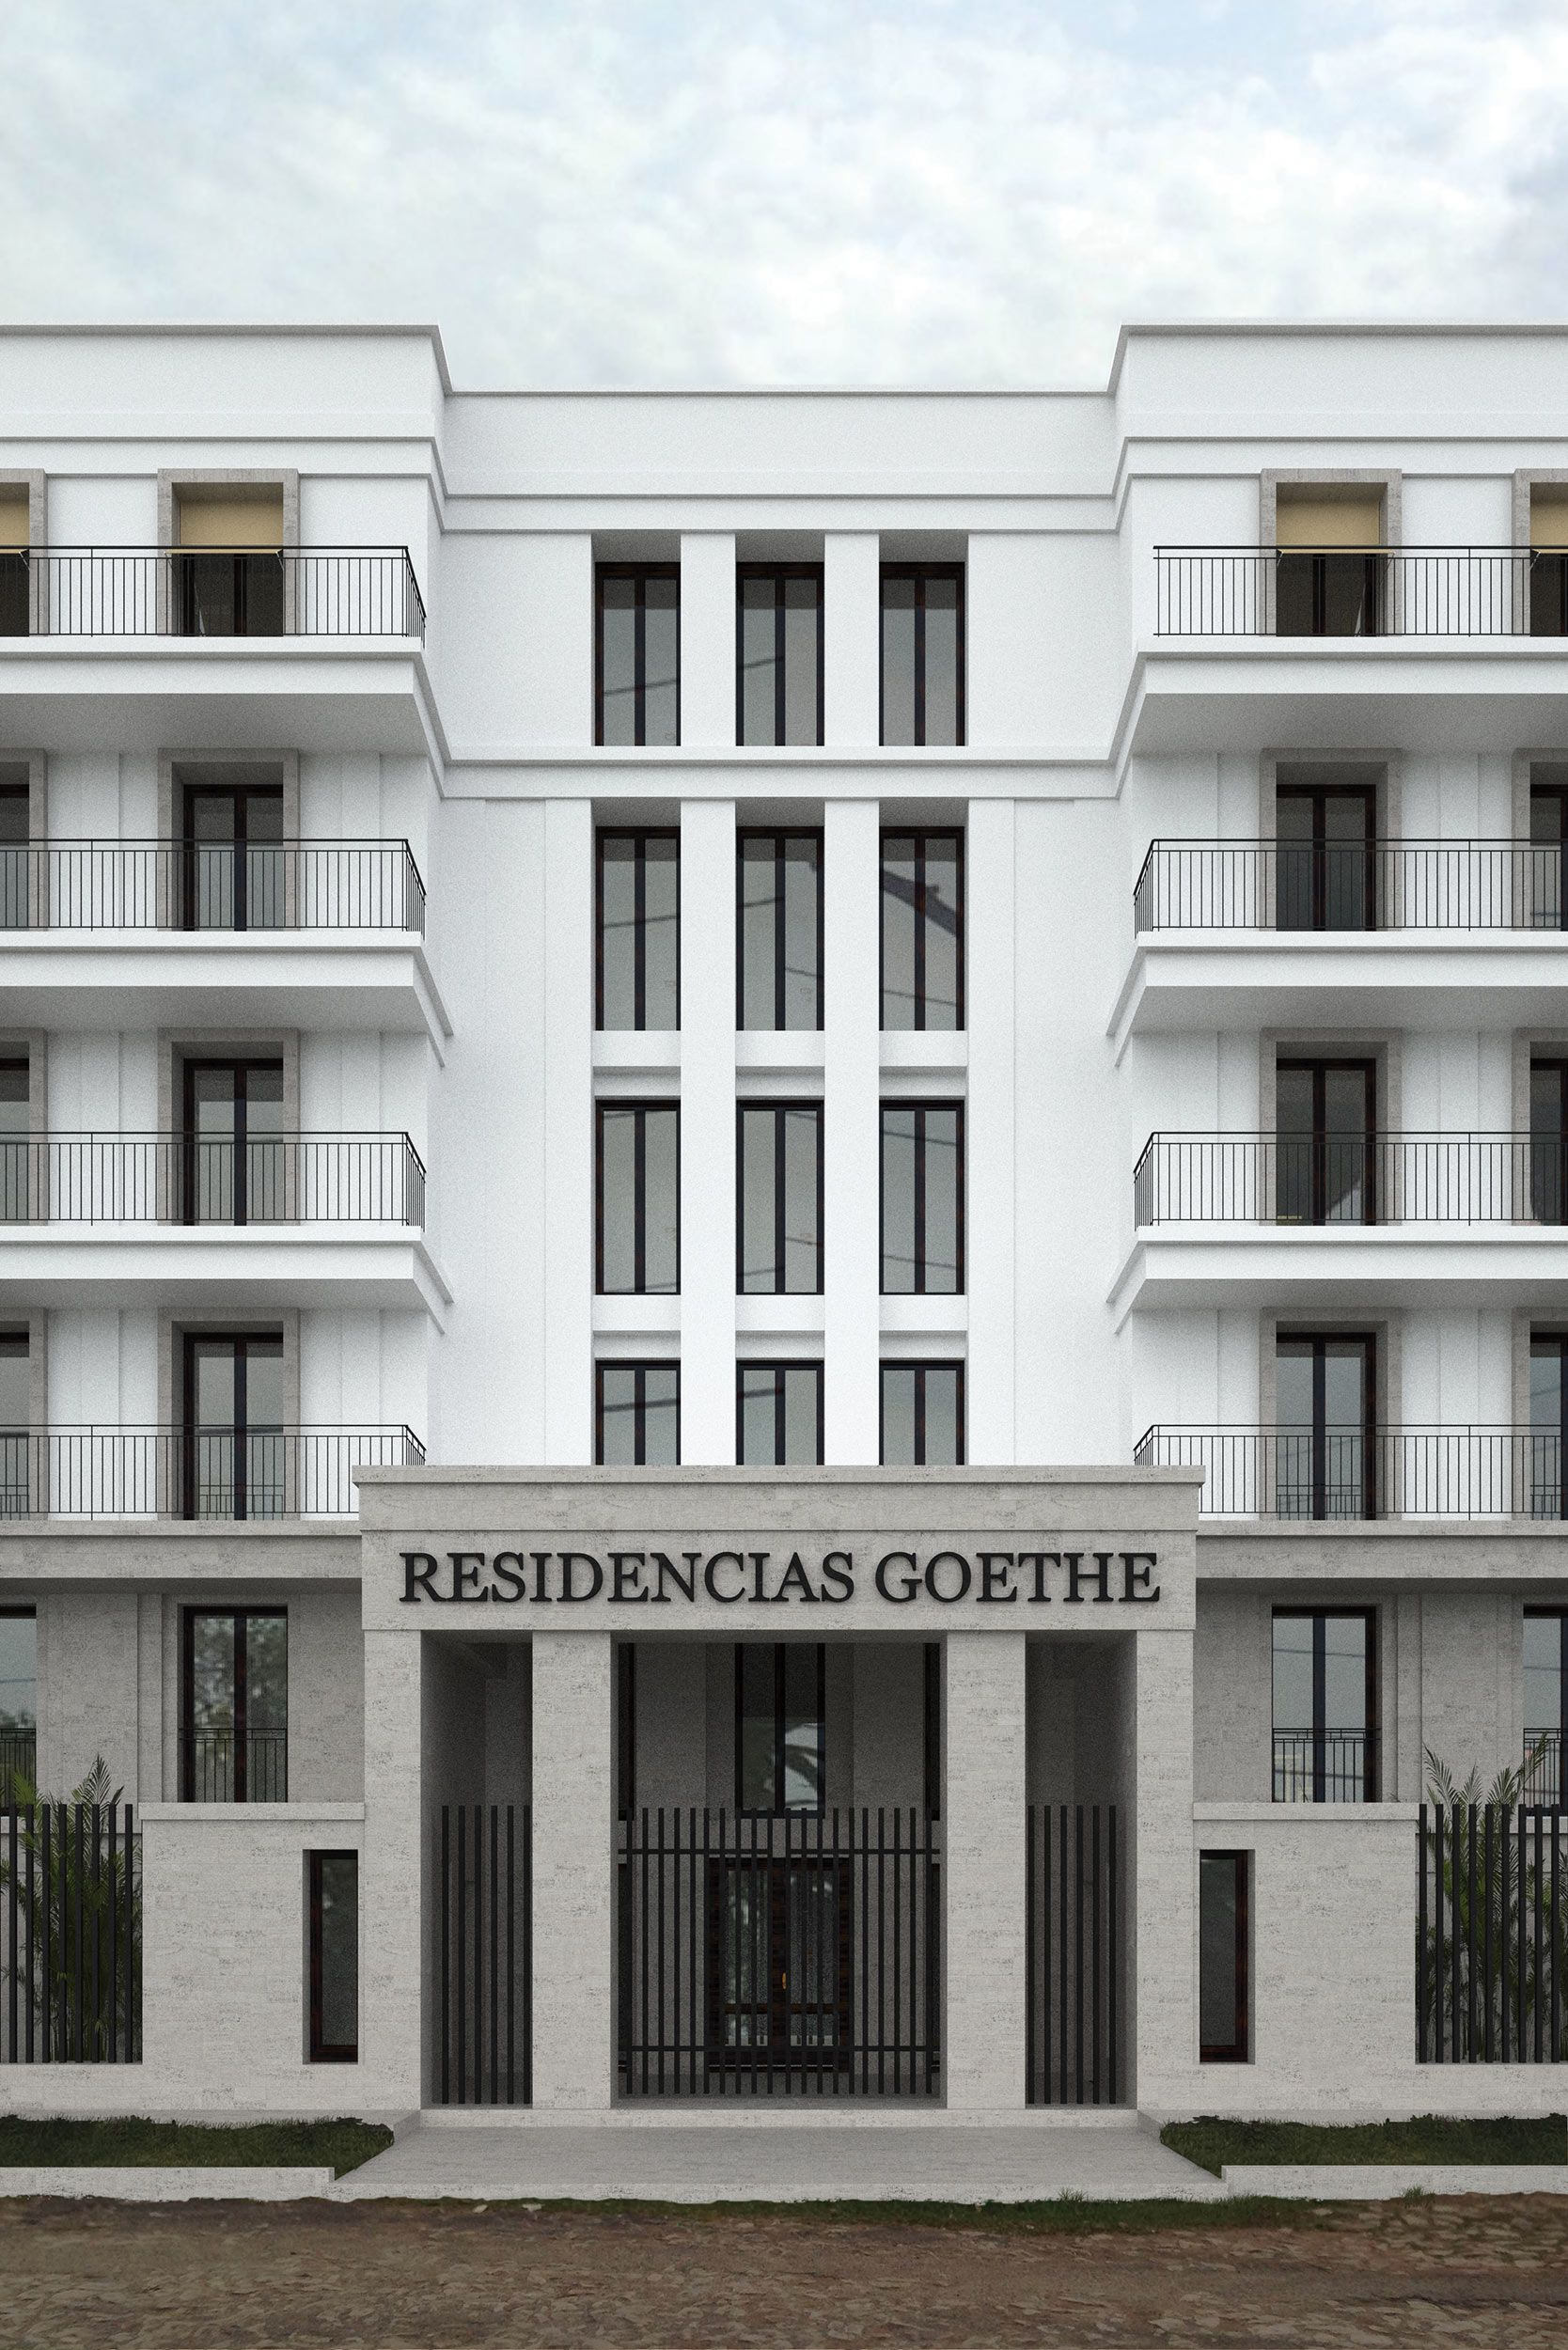 Neubau eines appartmenthauses mit panoramaterrassen vogel cg architekten berlin fassade - Architekten deutschland ...